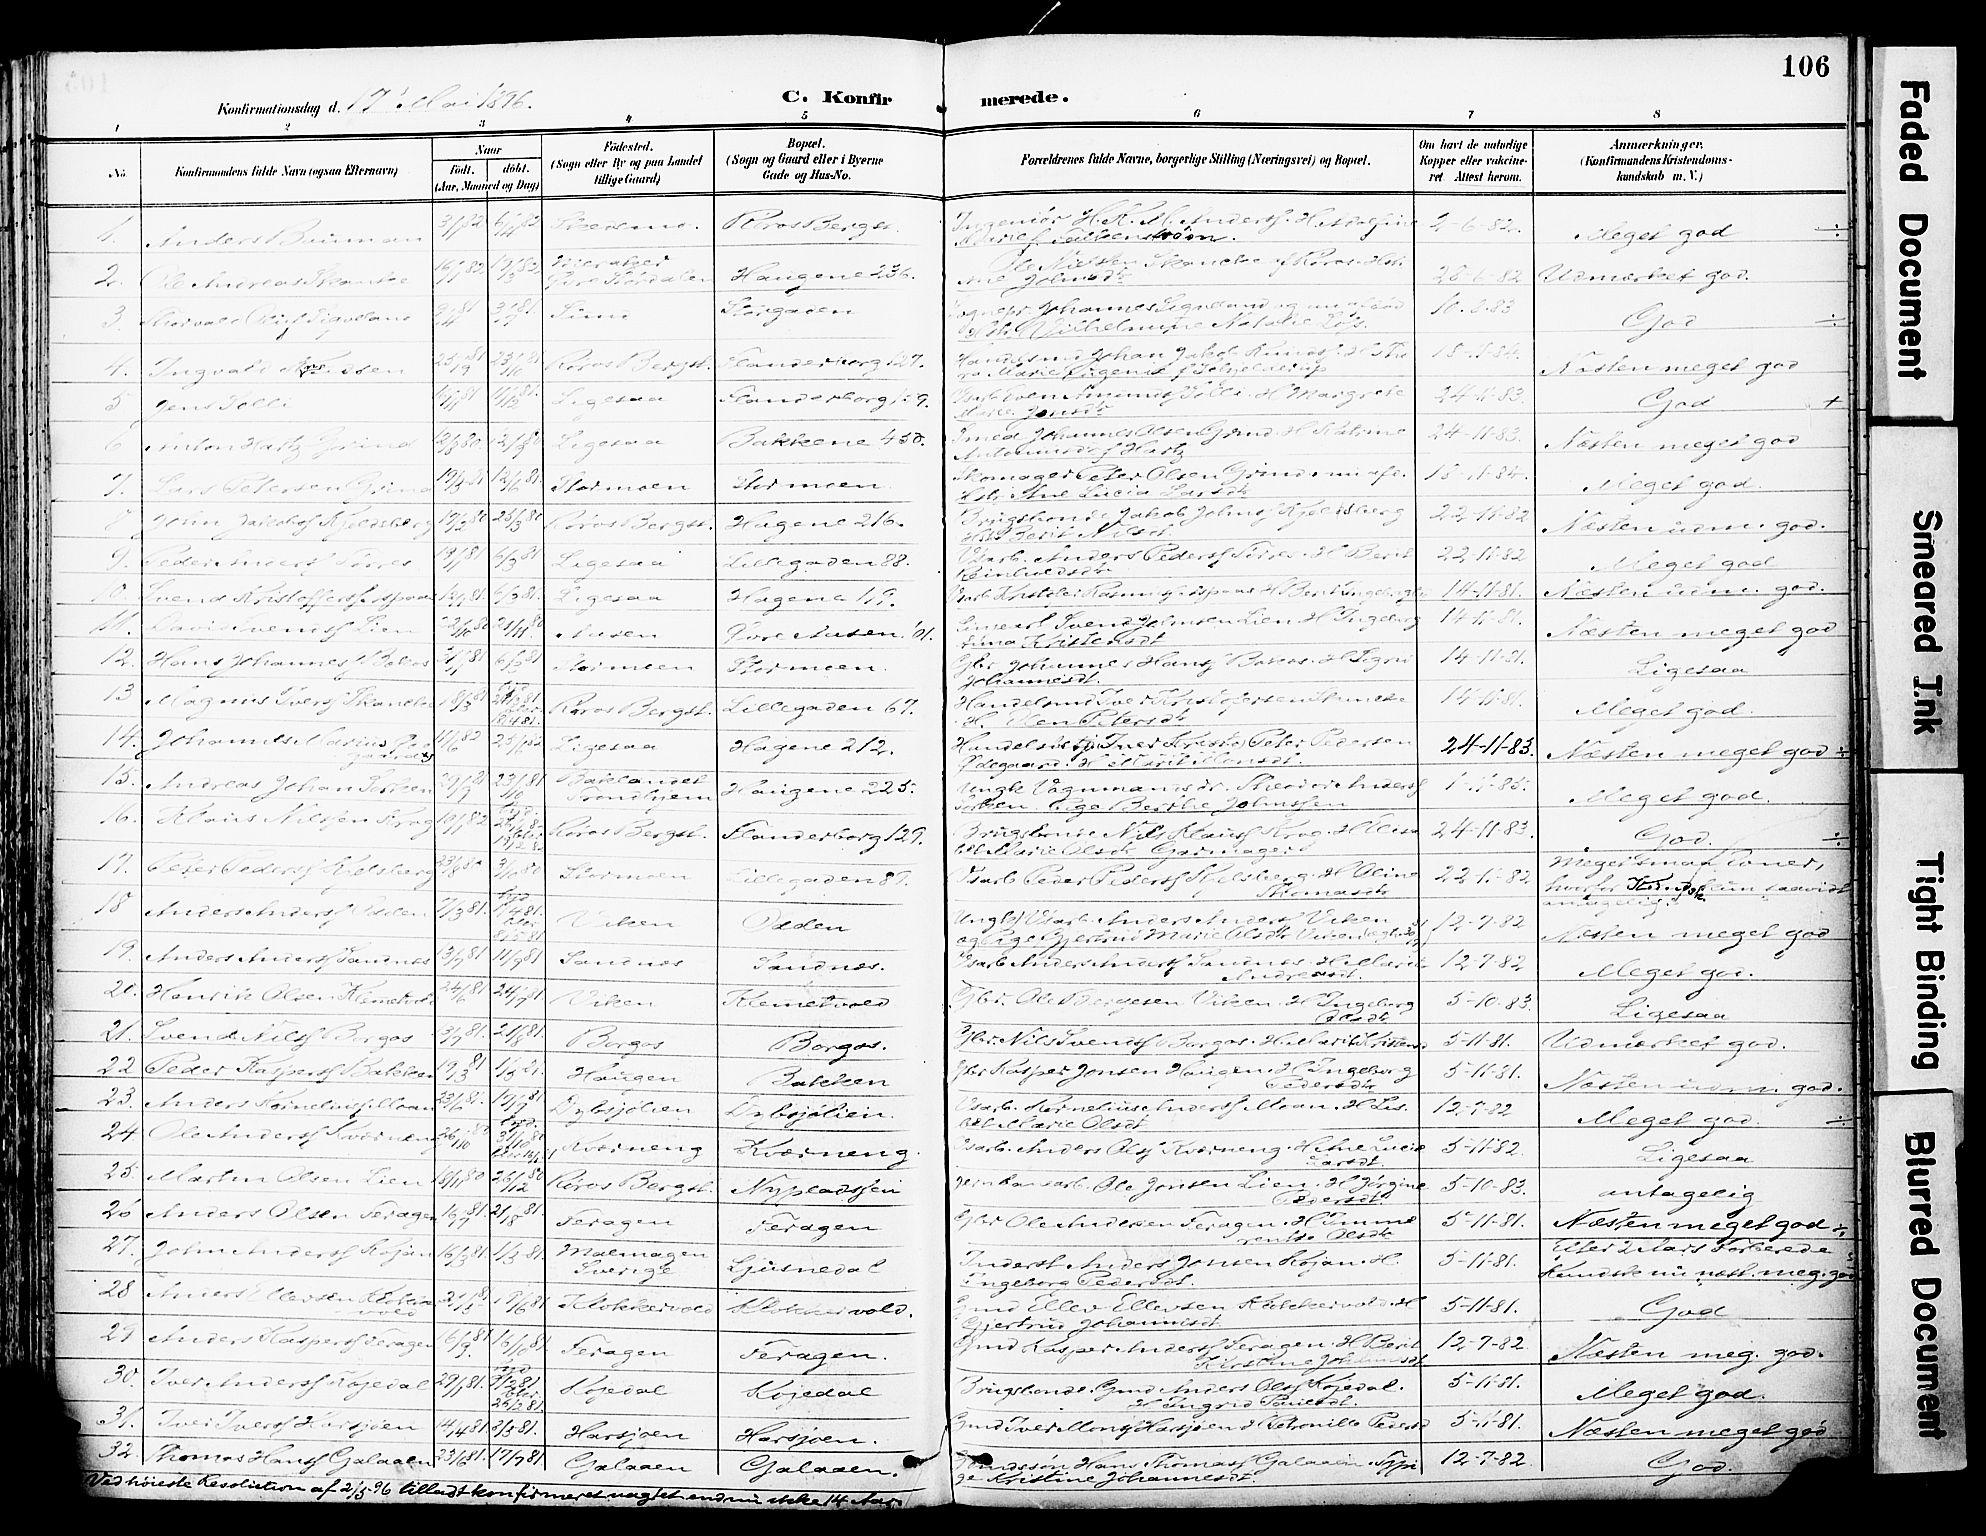 SAT, Ministerialprotokoller, klokkerbøker og fødselsregistre - Sør-Trøndelag, 681/L0935: Ministerialbok nr. 681A13, 1890-1898, s. 106